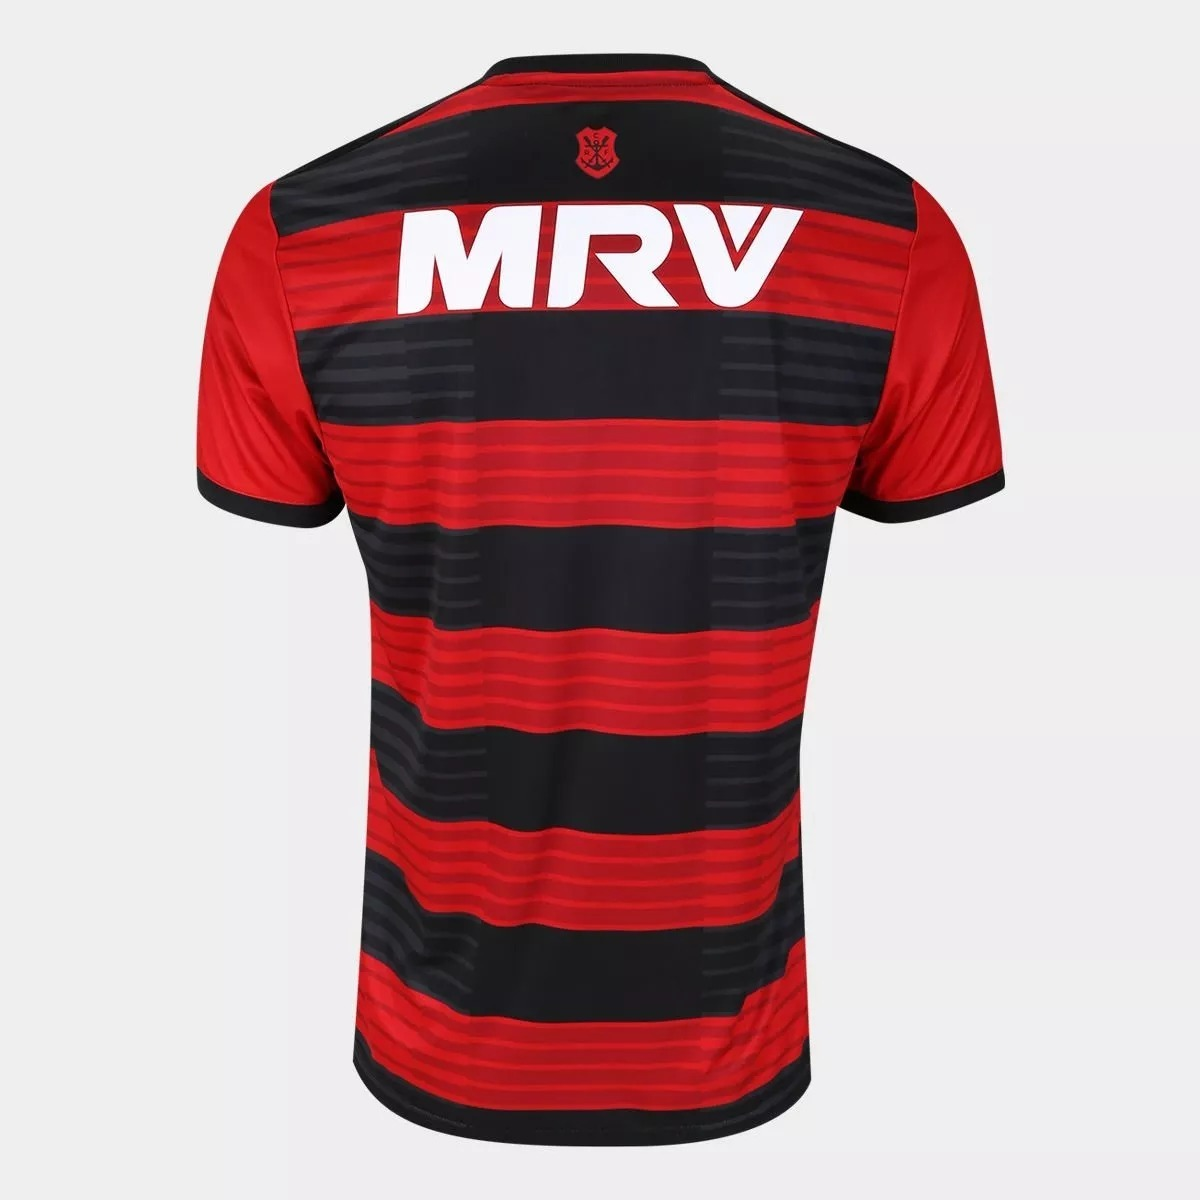 Camisa Blusa Do Time Do Flamengo Oficial Lançamento 2018 - R  149 252afc49629c0